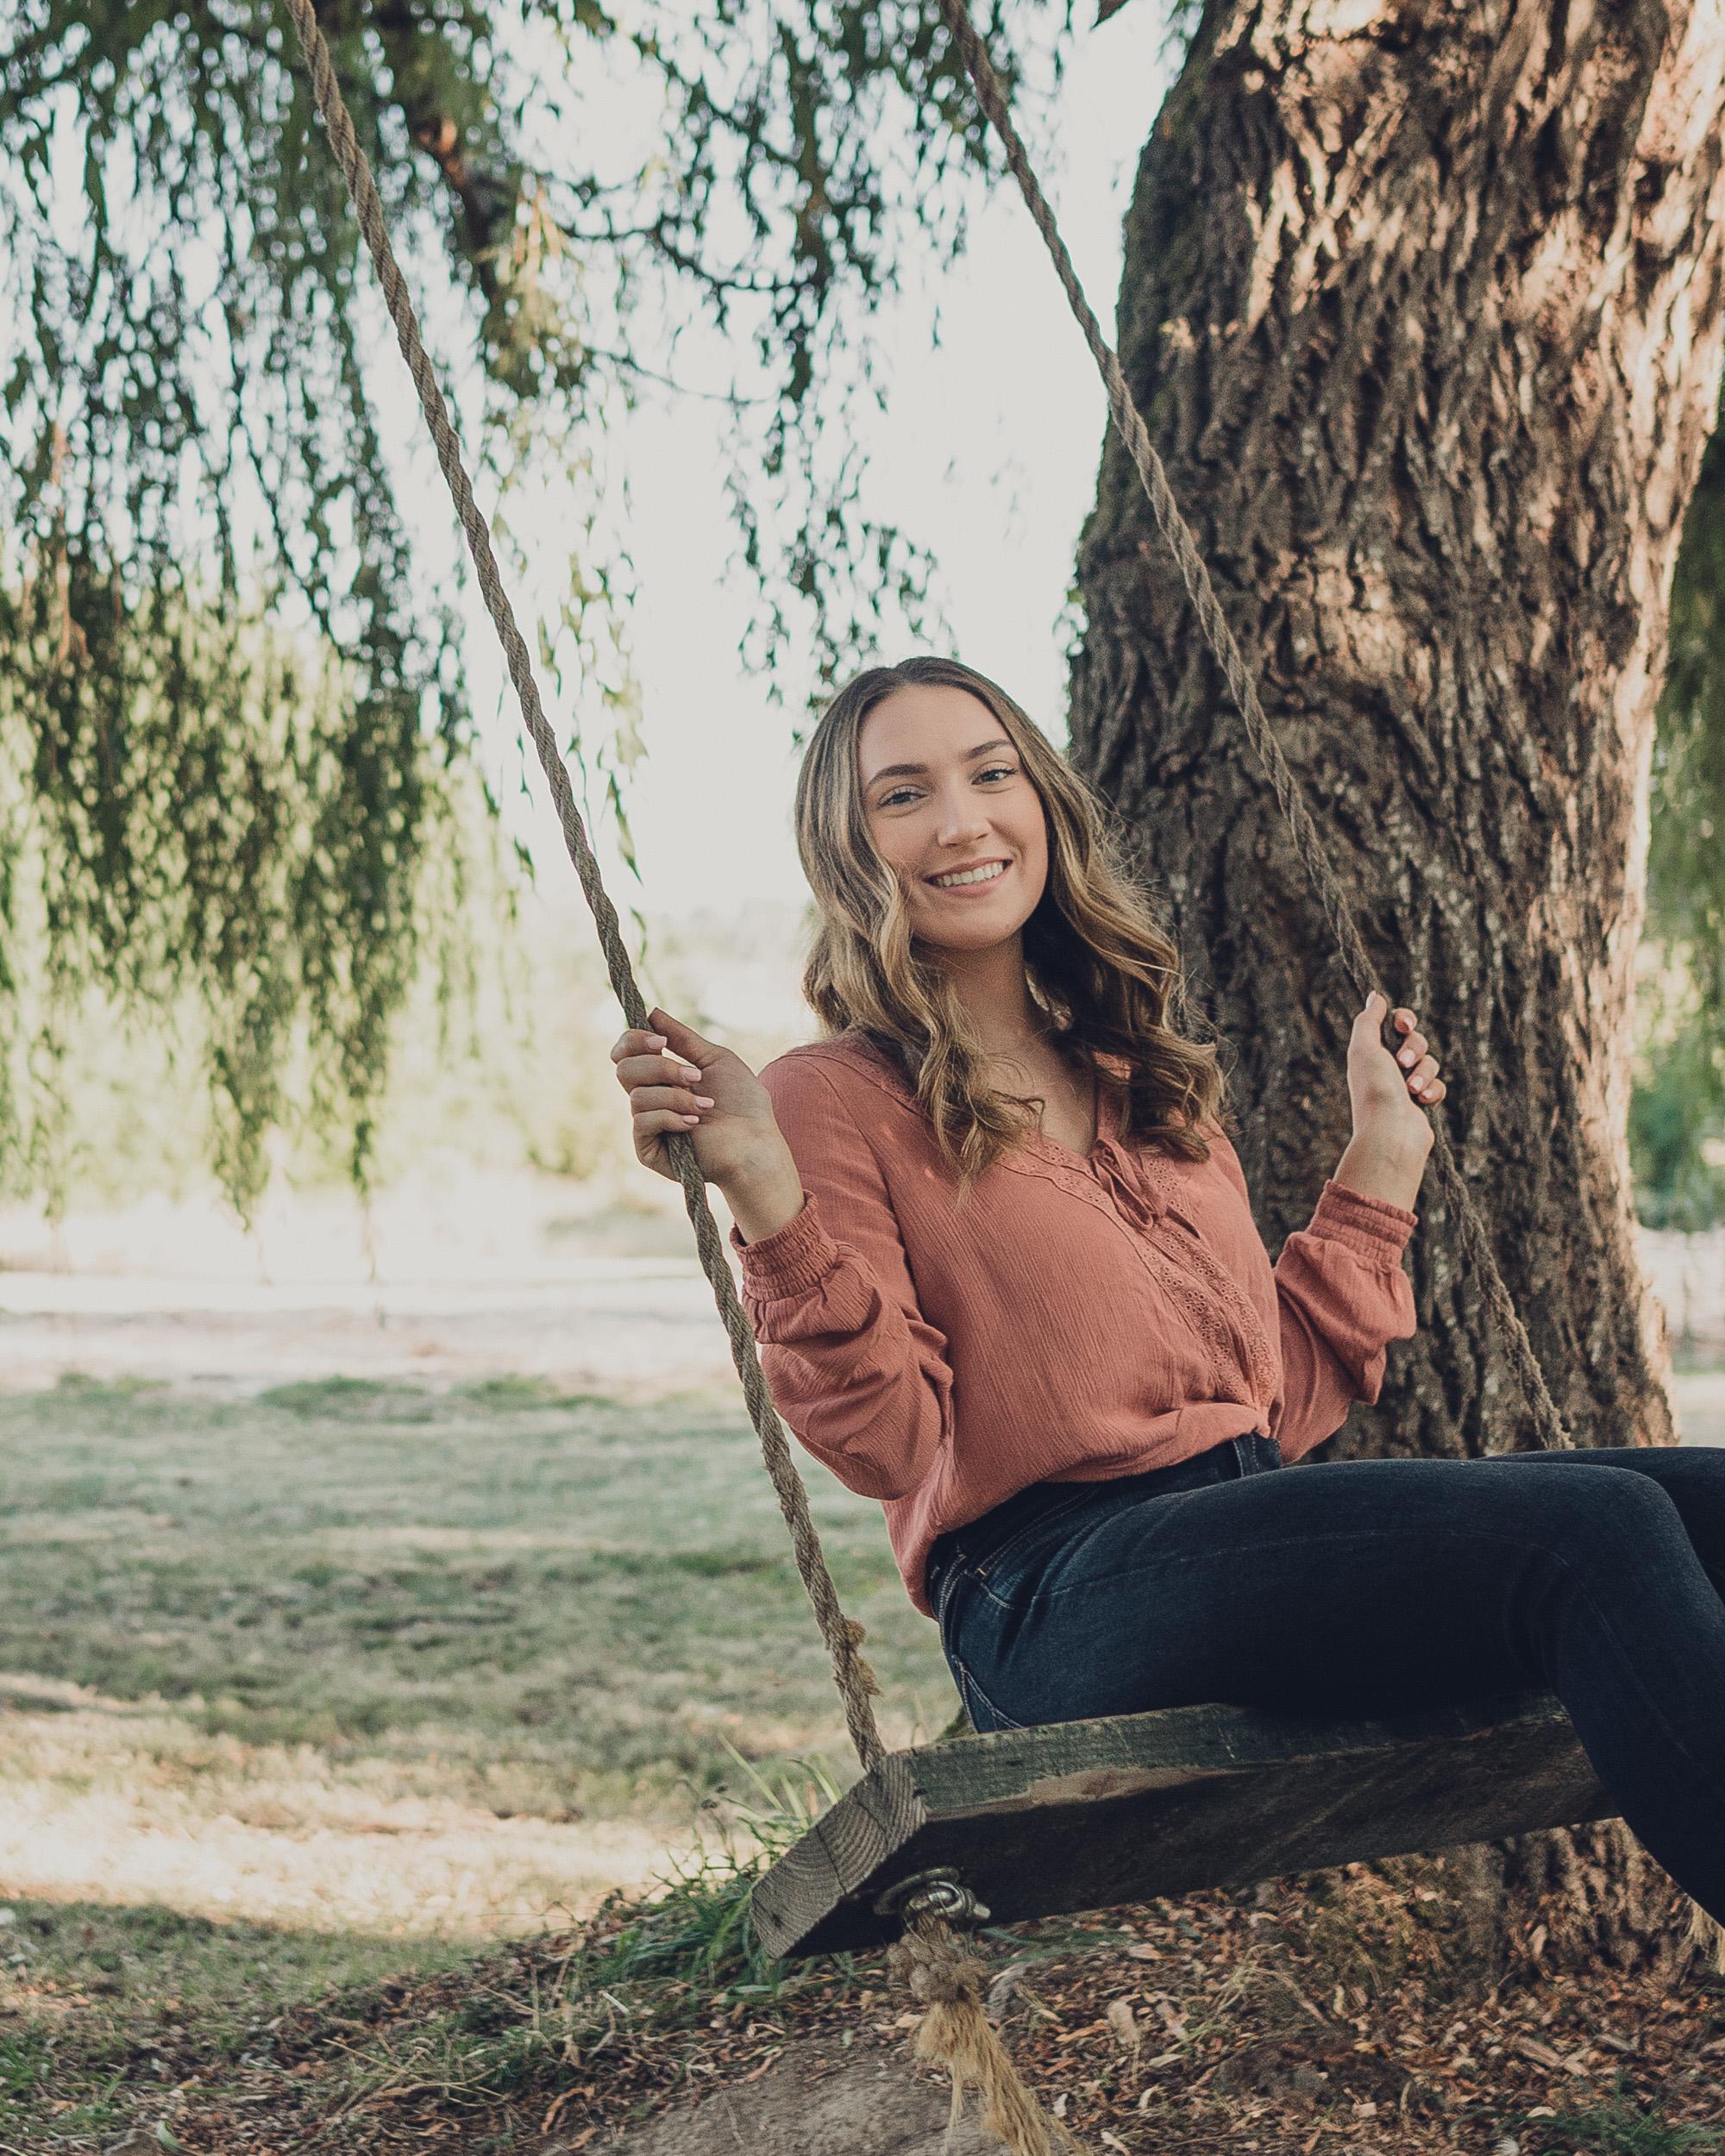 Seniorportraitsseattle-2.jpg